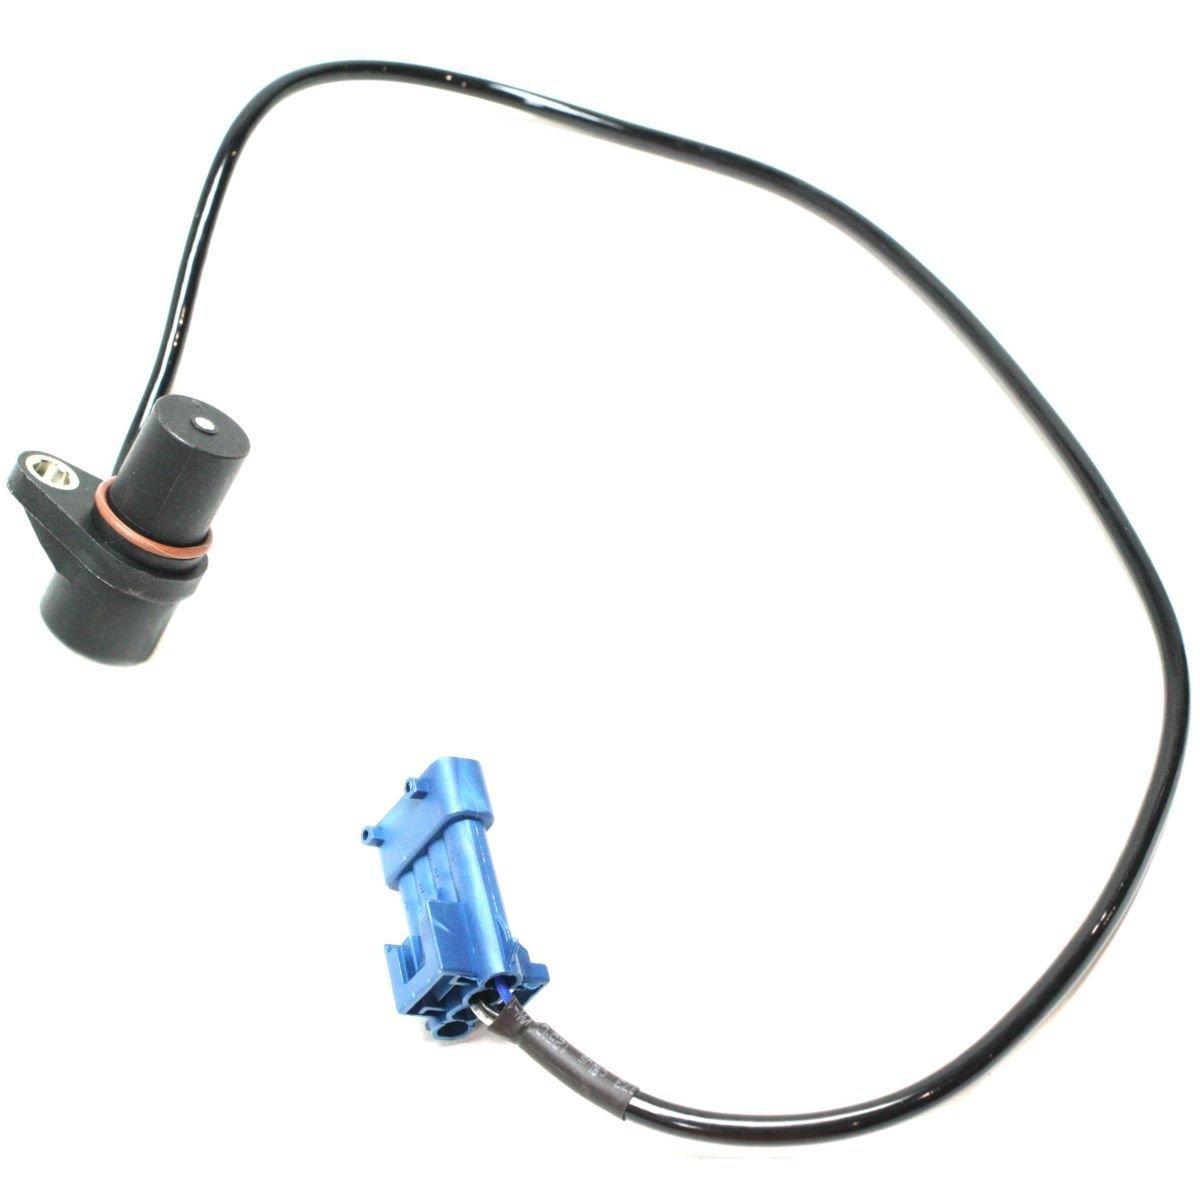 Diften 303-A0042-X01 - New Crankshaft Position Sensor Saab 900 97 96 9-5 9-3 2009 2008 2007 2006 1997